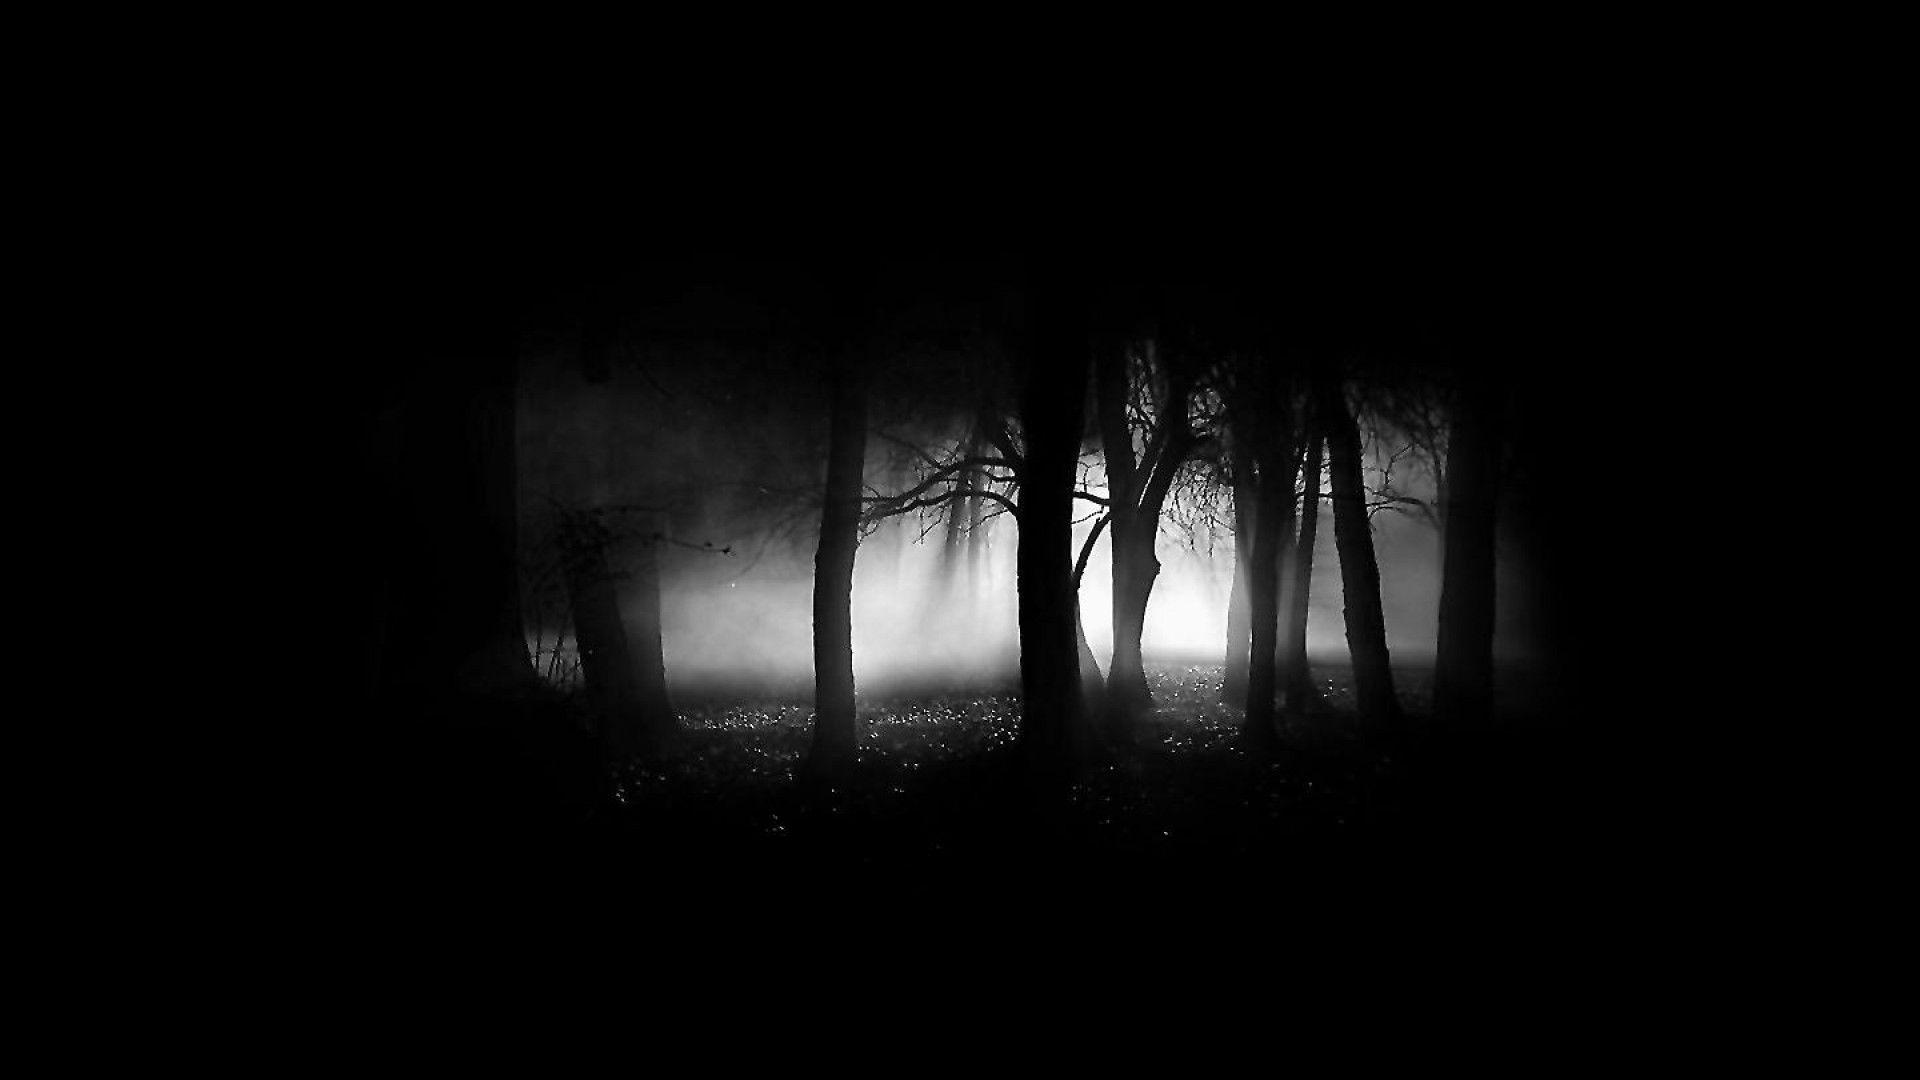 1080p dark wallpapers - sf wallpaper